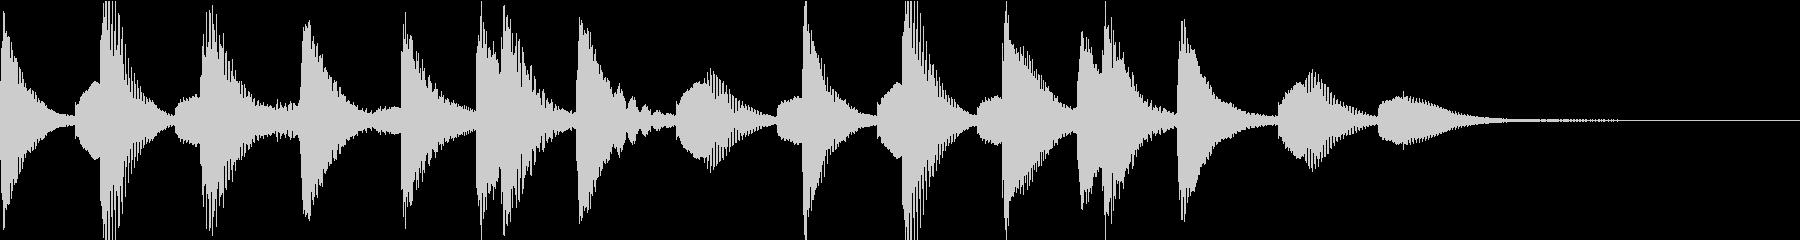 ほのぼの明るいマリンバのジングルの未再生の波形